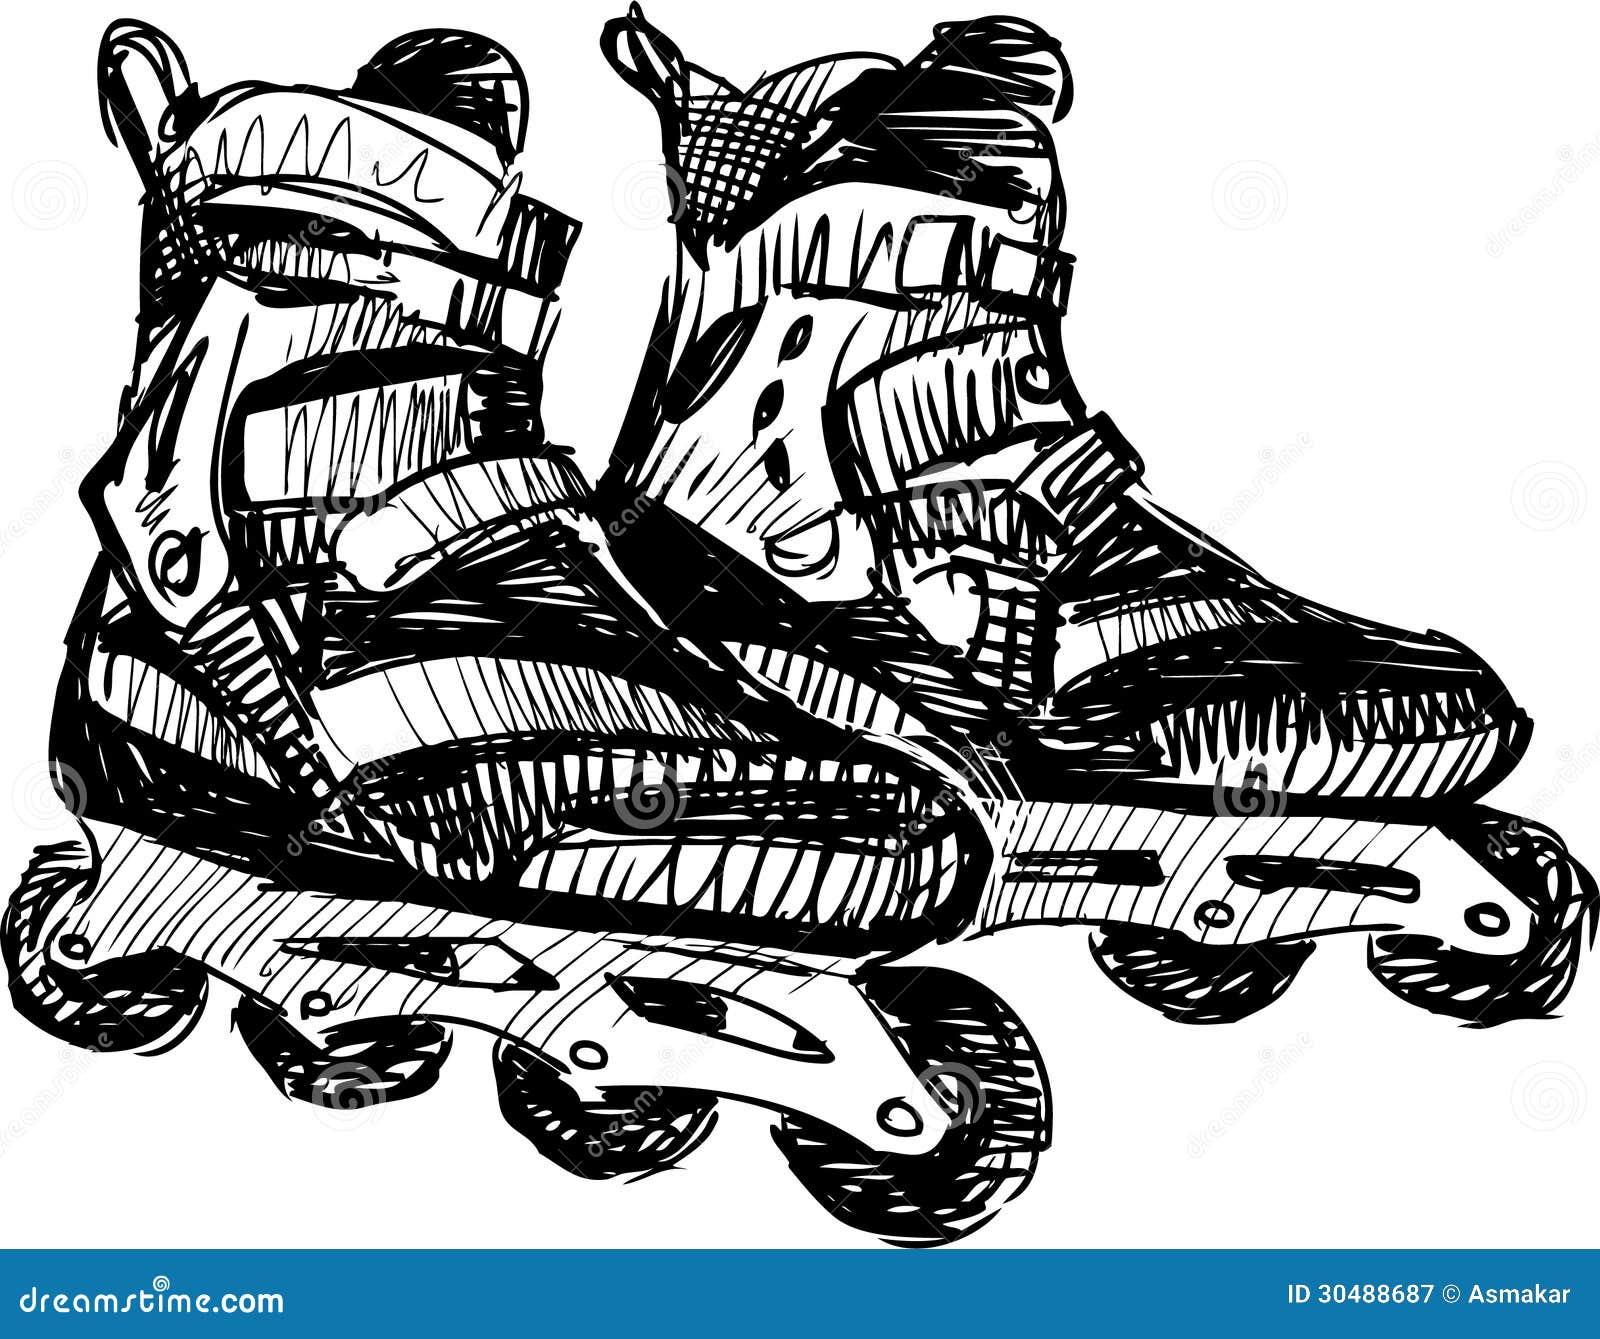 Roller skates for free - Roller Skates